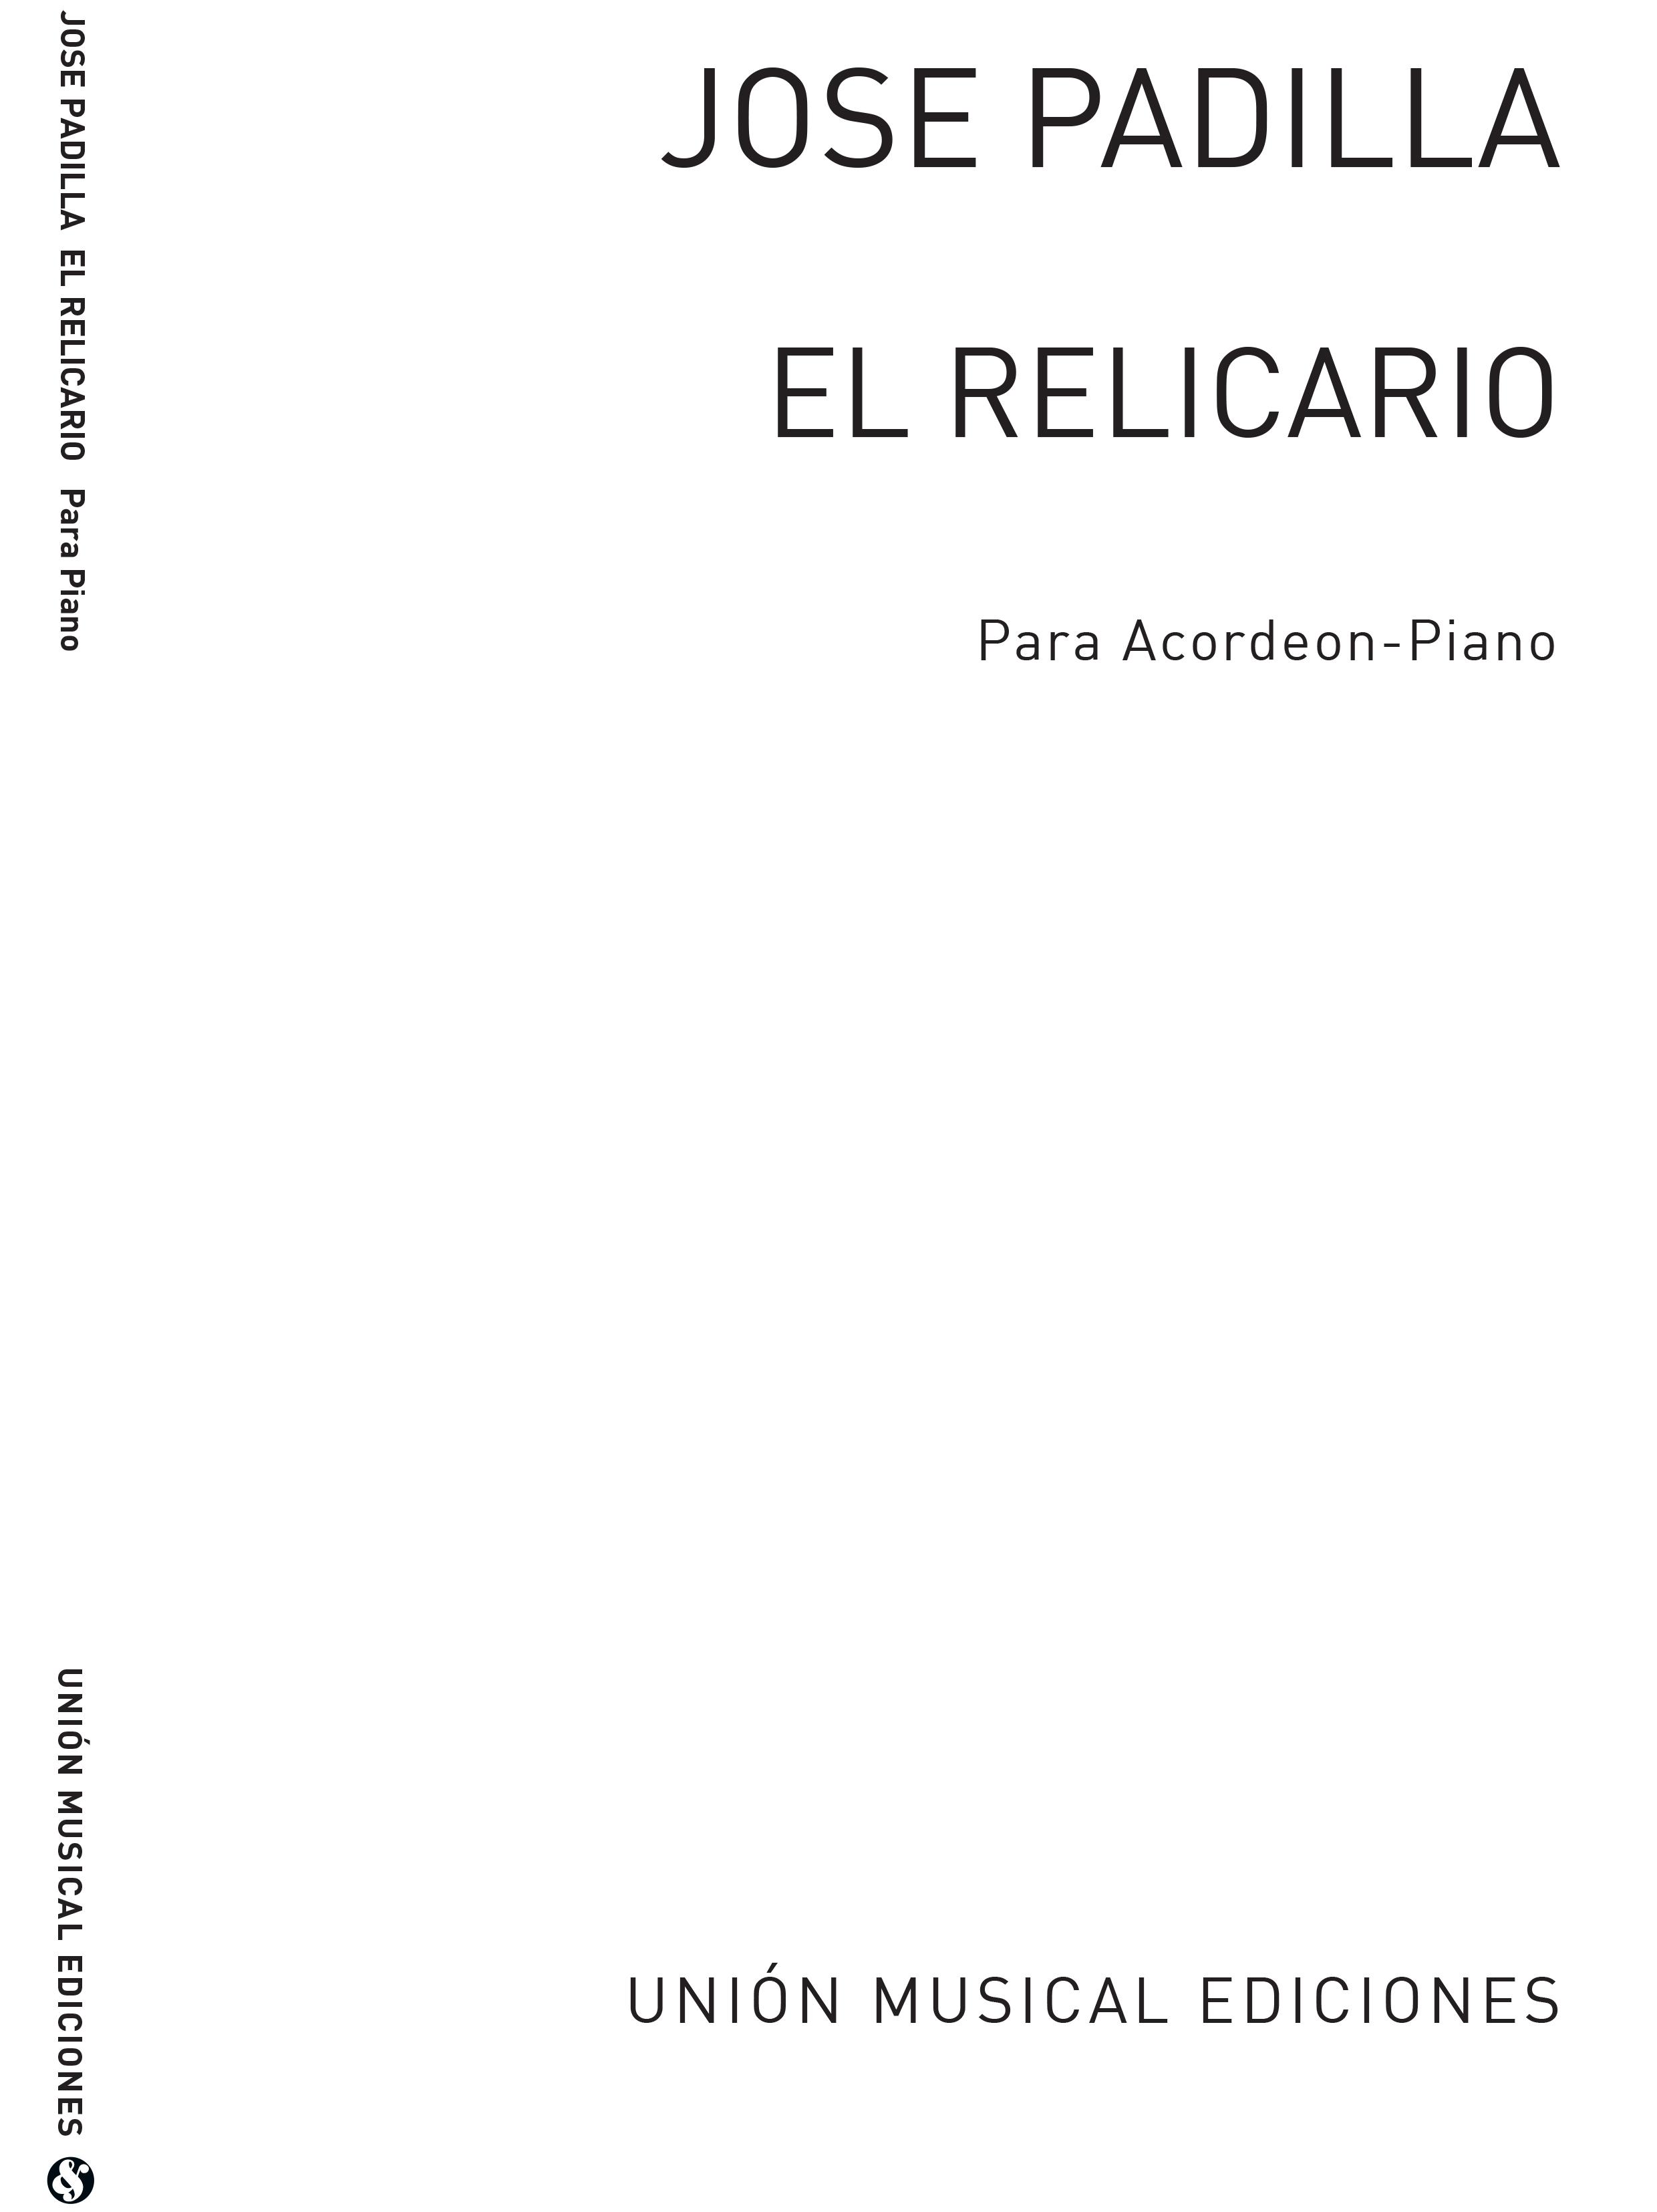 José Padilla: El Relicario  Pasodoble 3/4 (Biok) for Accordion: Accordion: